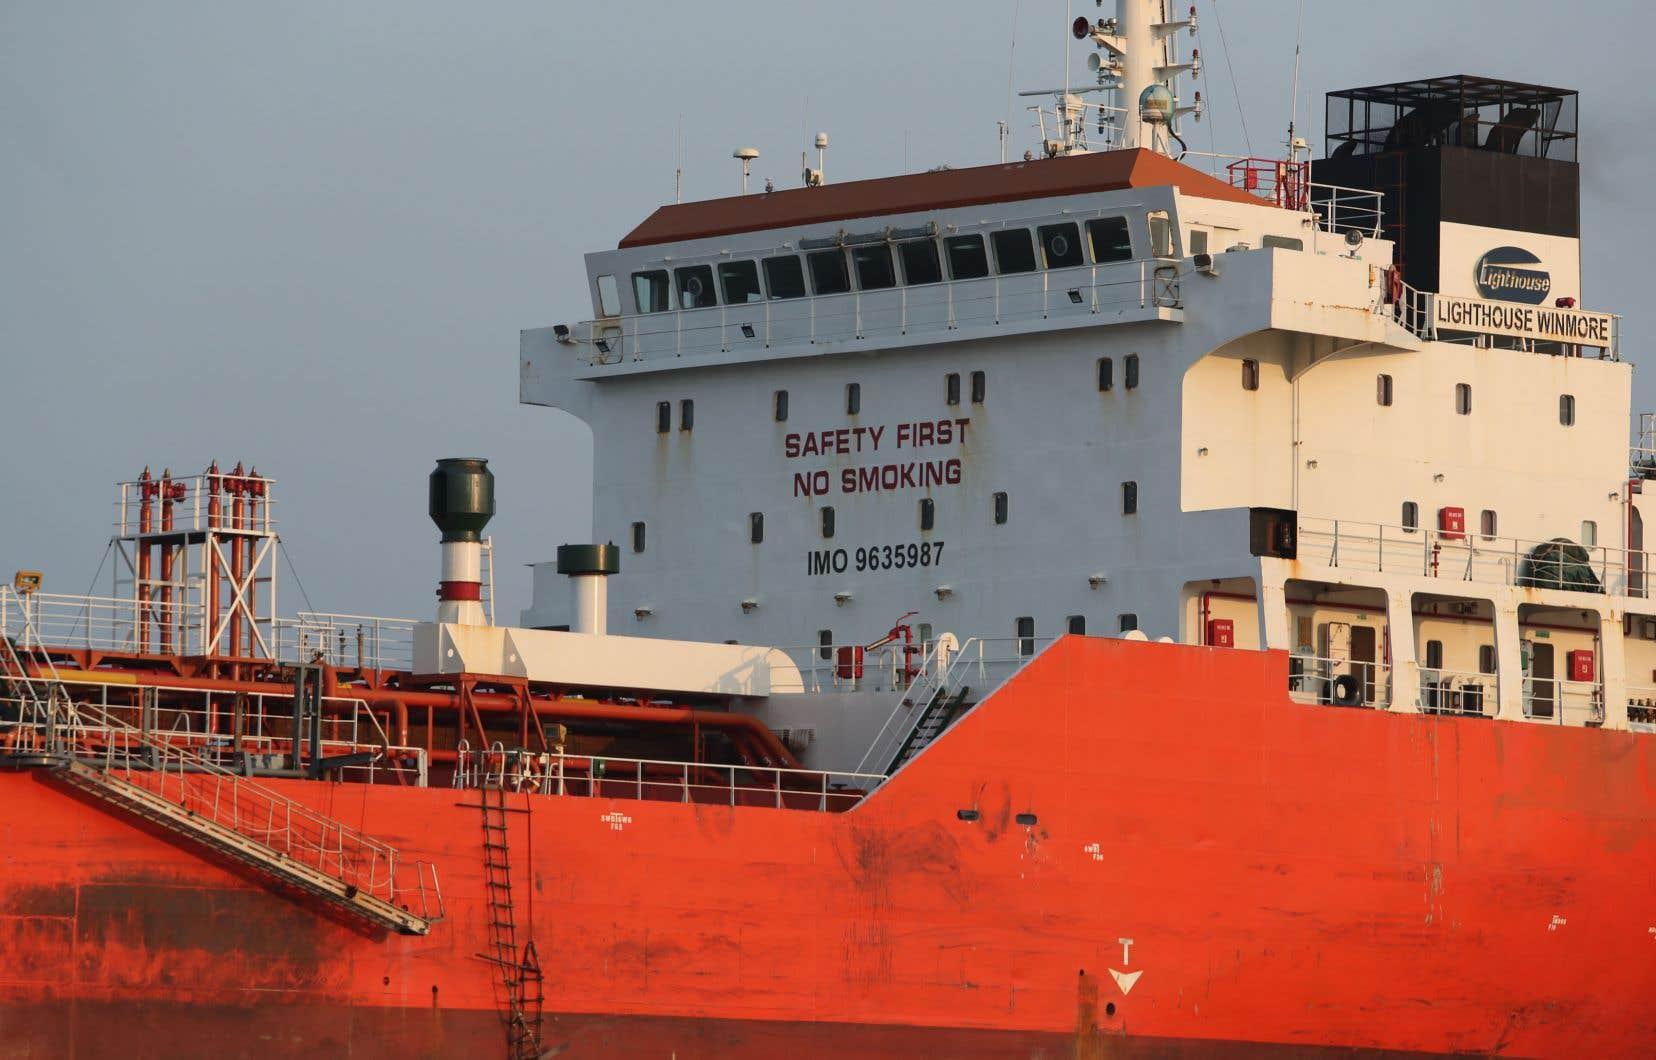 Les douanes sud-coréennes ont arraisonné ennovembre le navire hongkongais Lighthouse Winmore, pour avoir transbordé des produits pétroliers sur le Sam Jong 2.